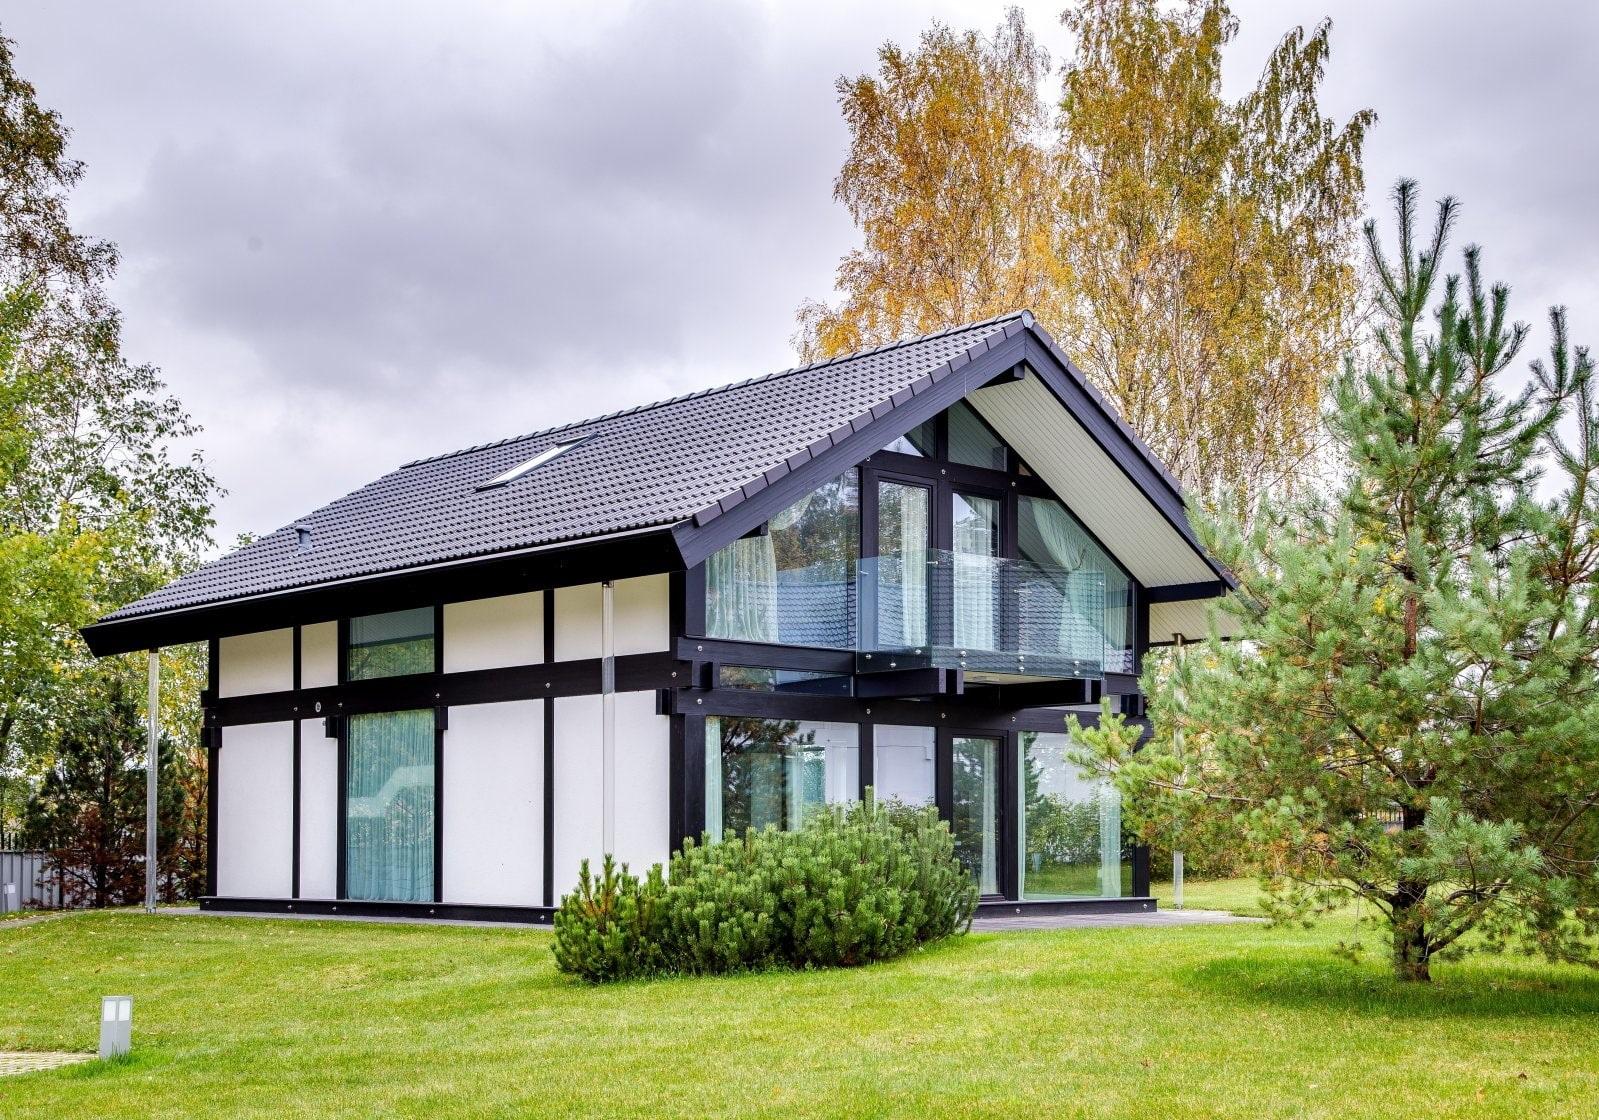 выборе каркасные постройки с большими окнами фото владимировна этом